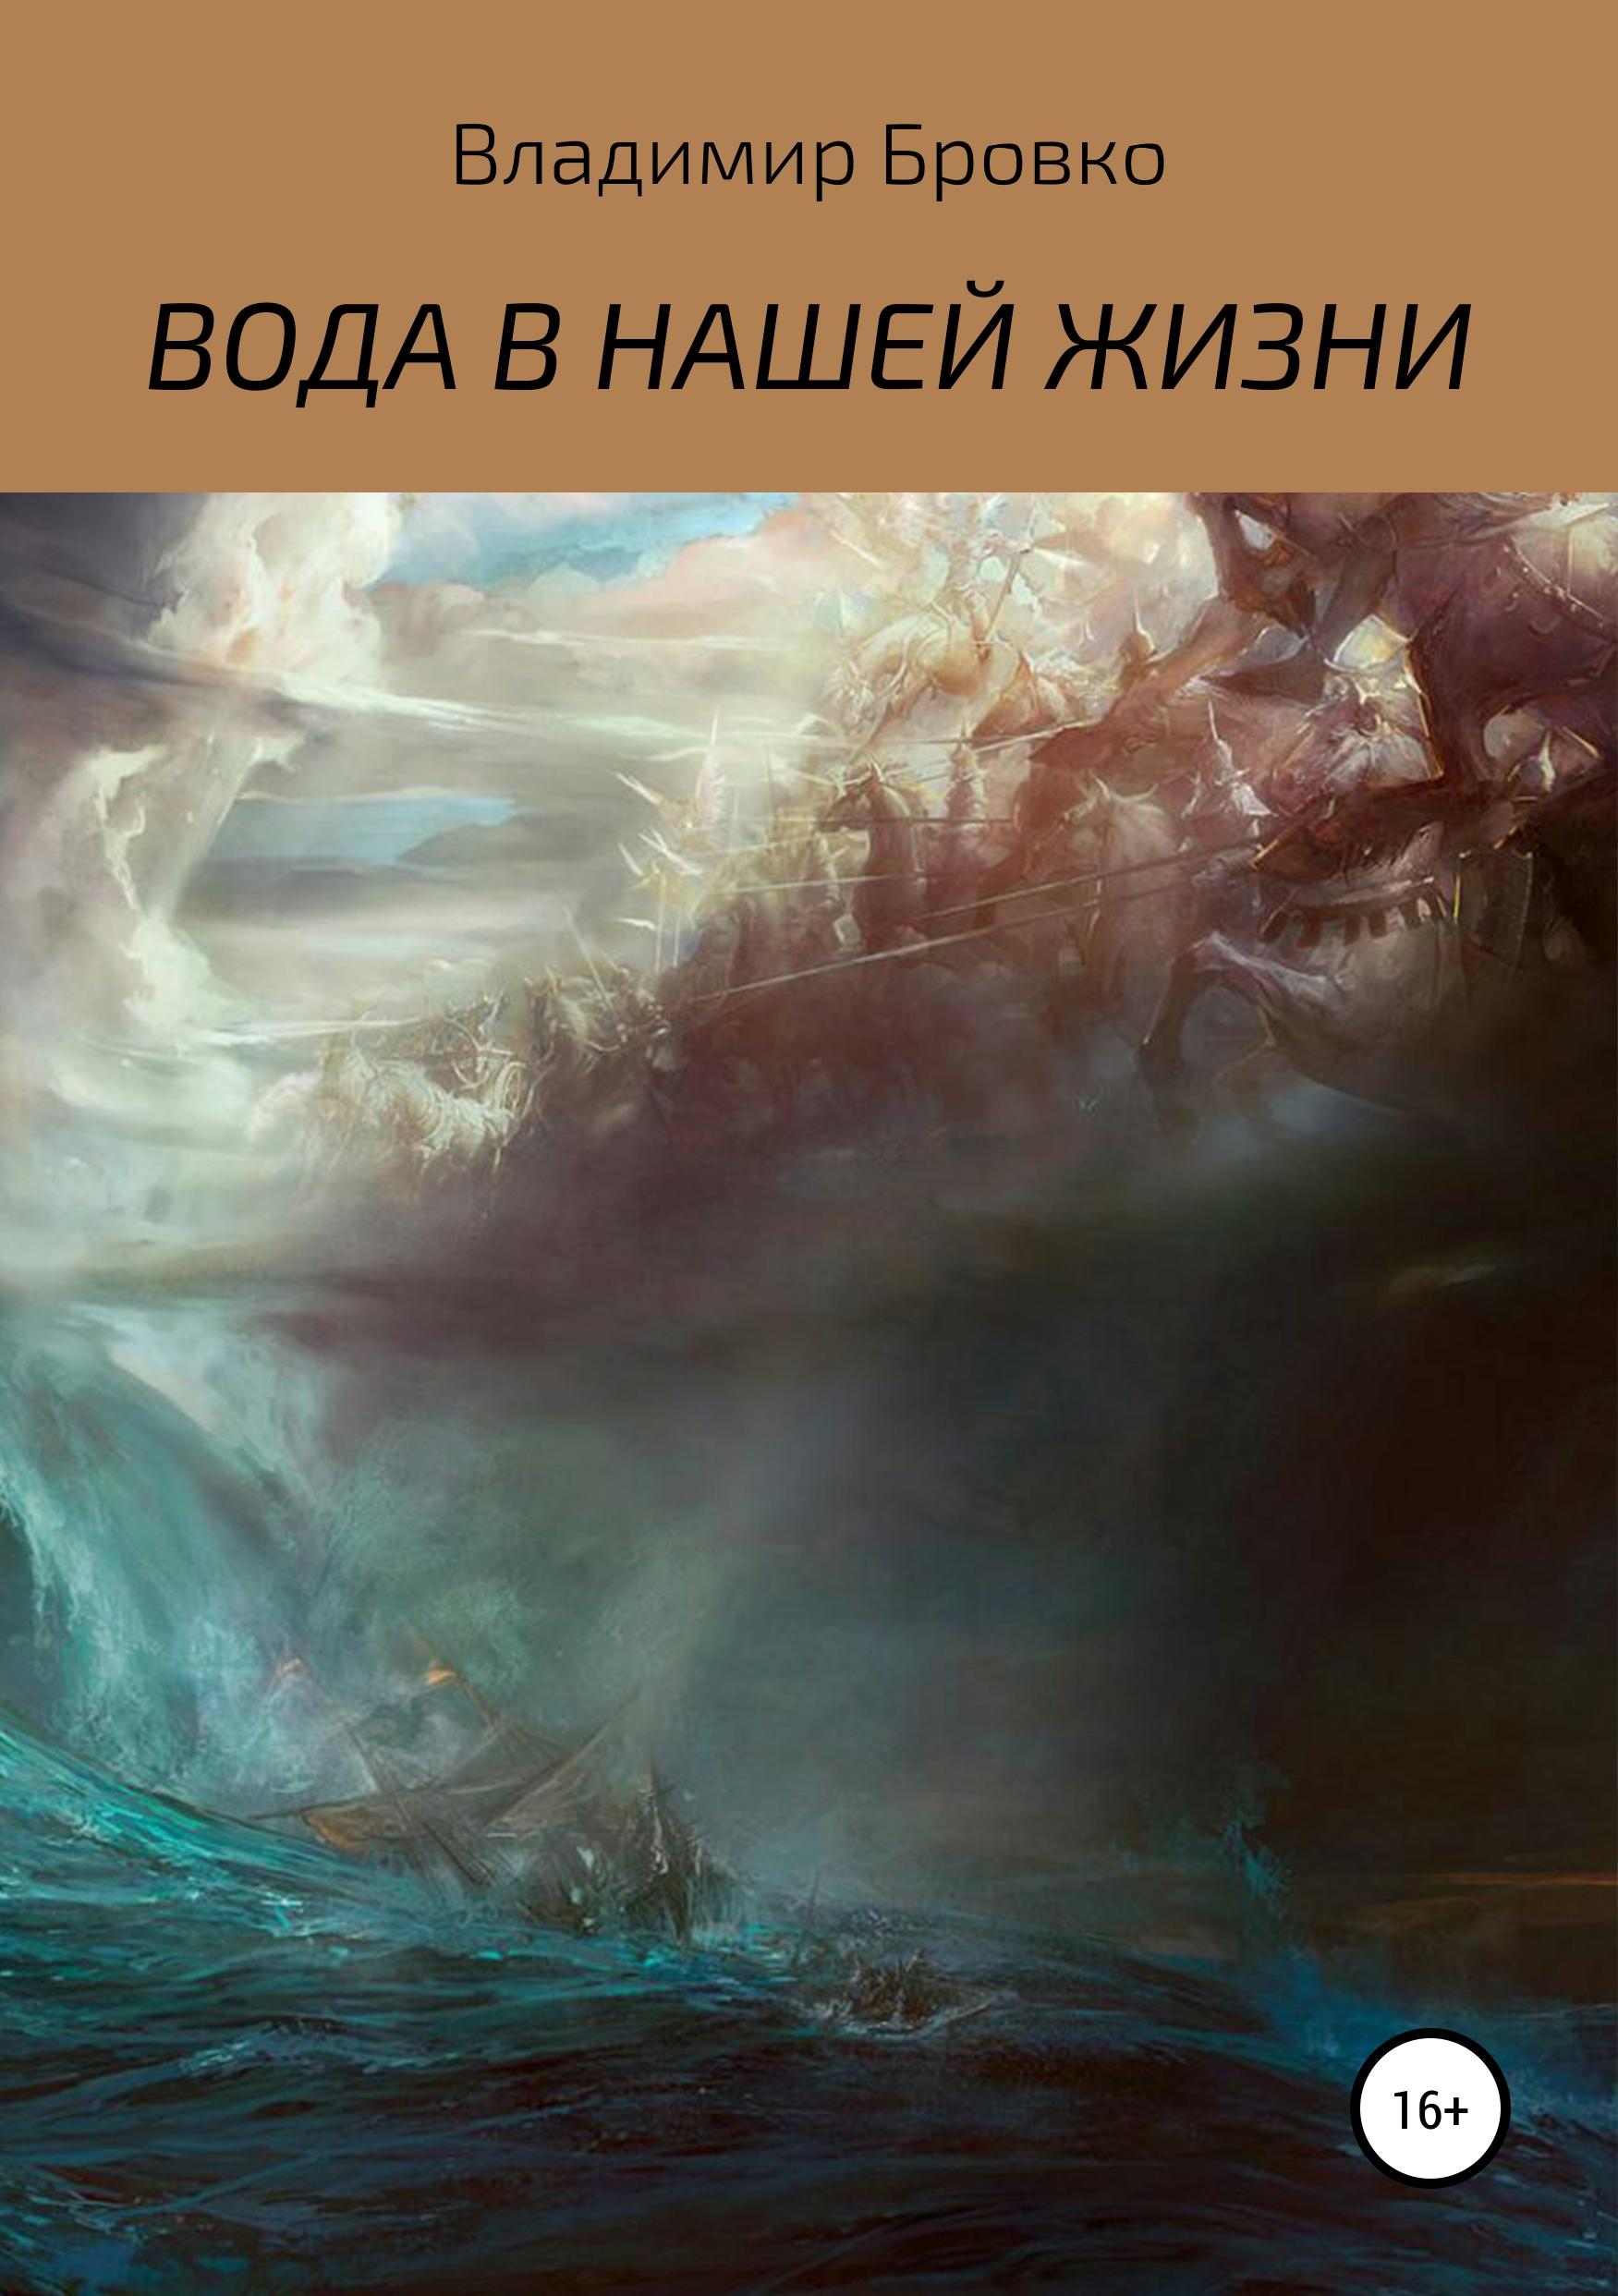 Владимир Петрович Бровко ВОДА В НАШЕЙ ЖИЗНИ